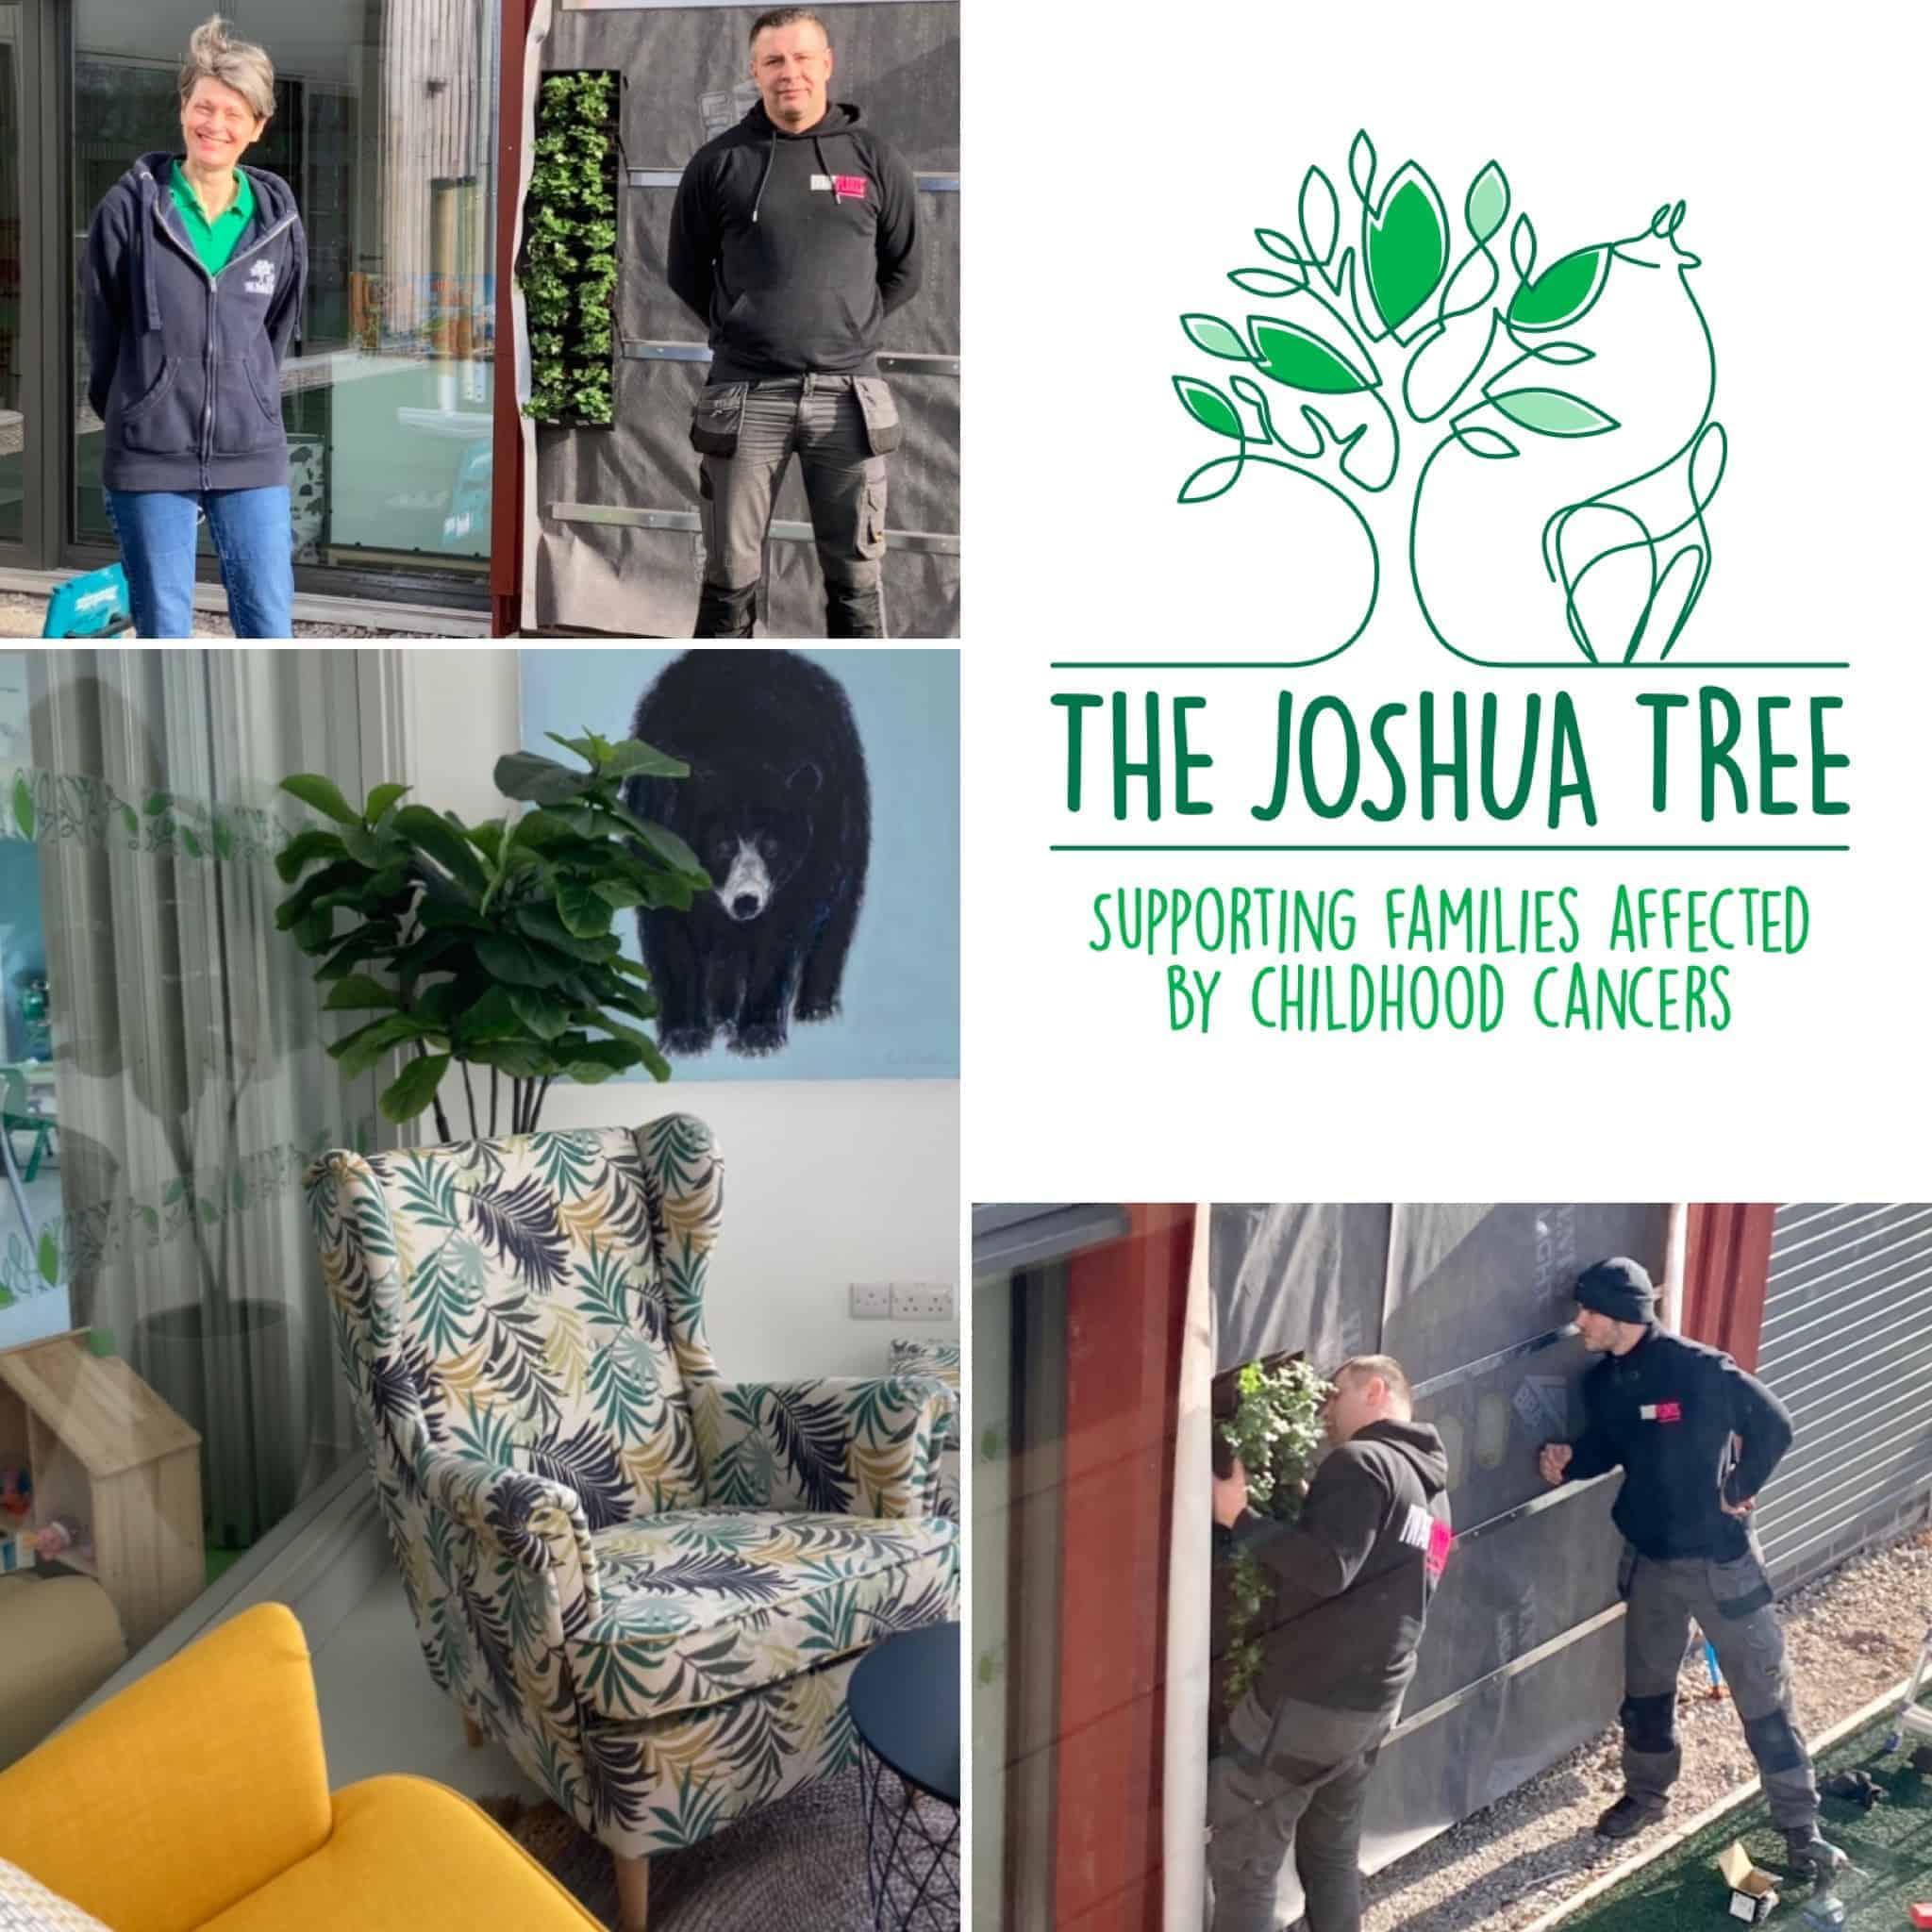 I Want Plants and The Joshua Tree